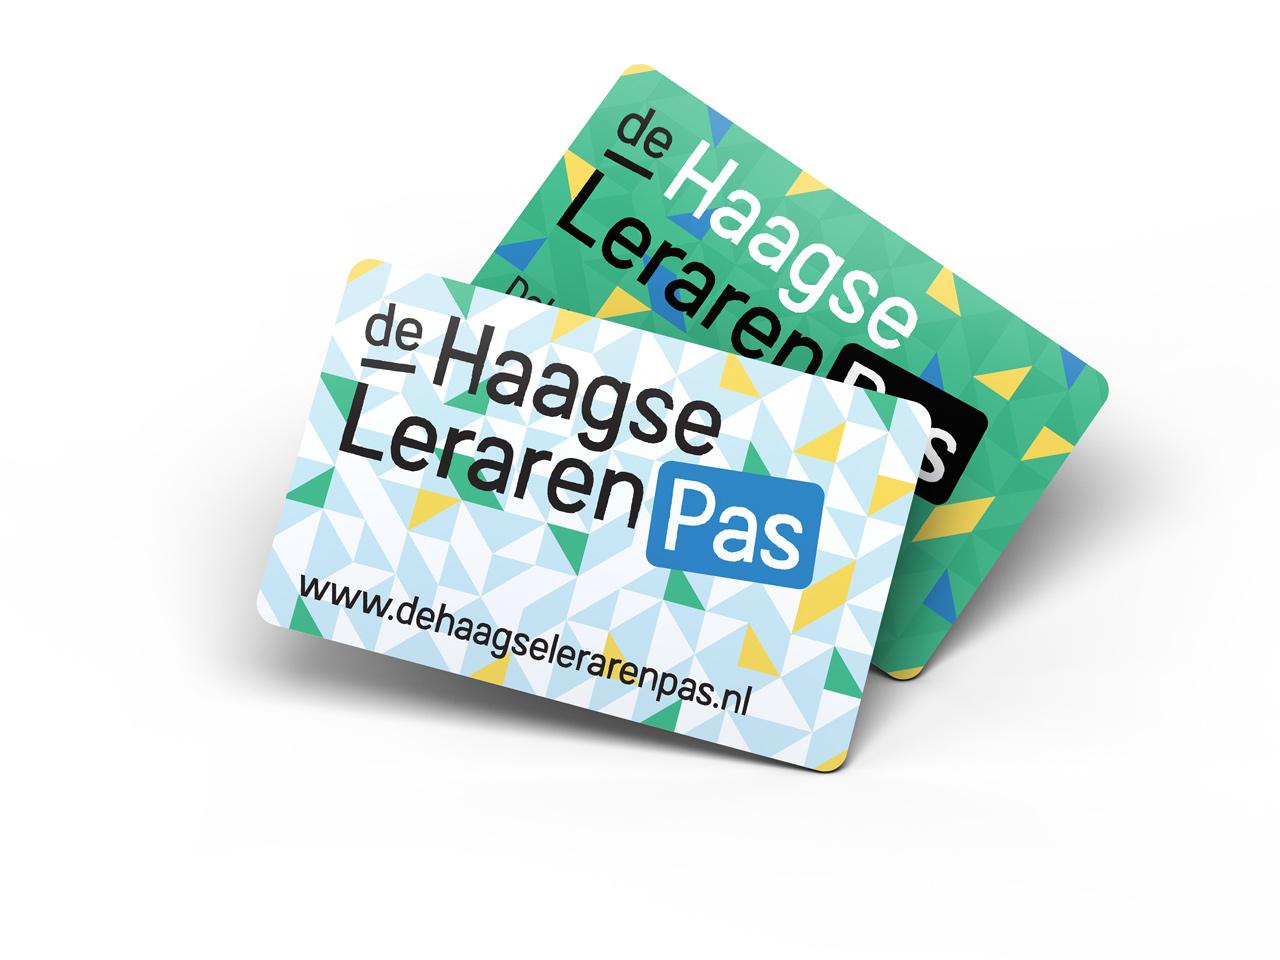 De Haagse Lerarenpas, Studio Mooijman en Mittelberg, Den Haag, ontwerp identiteit, logo en website